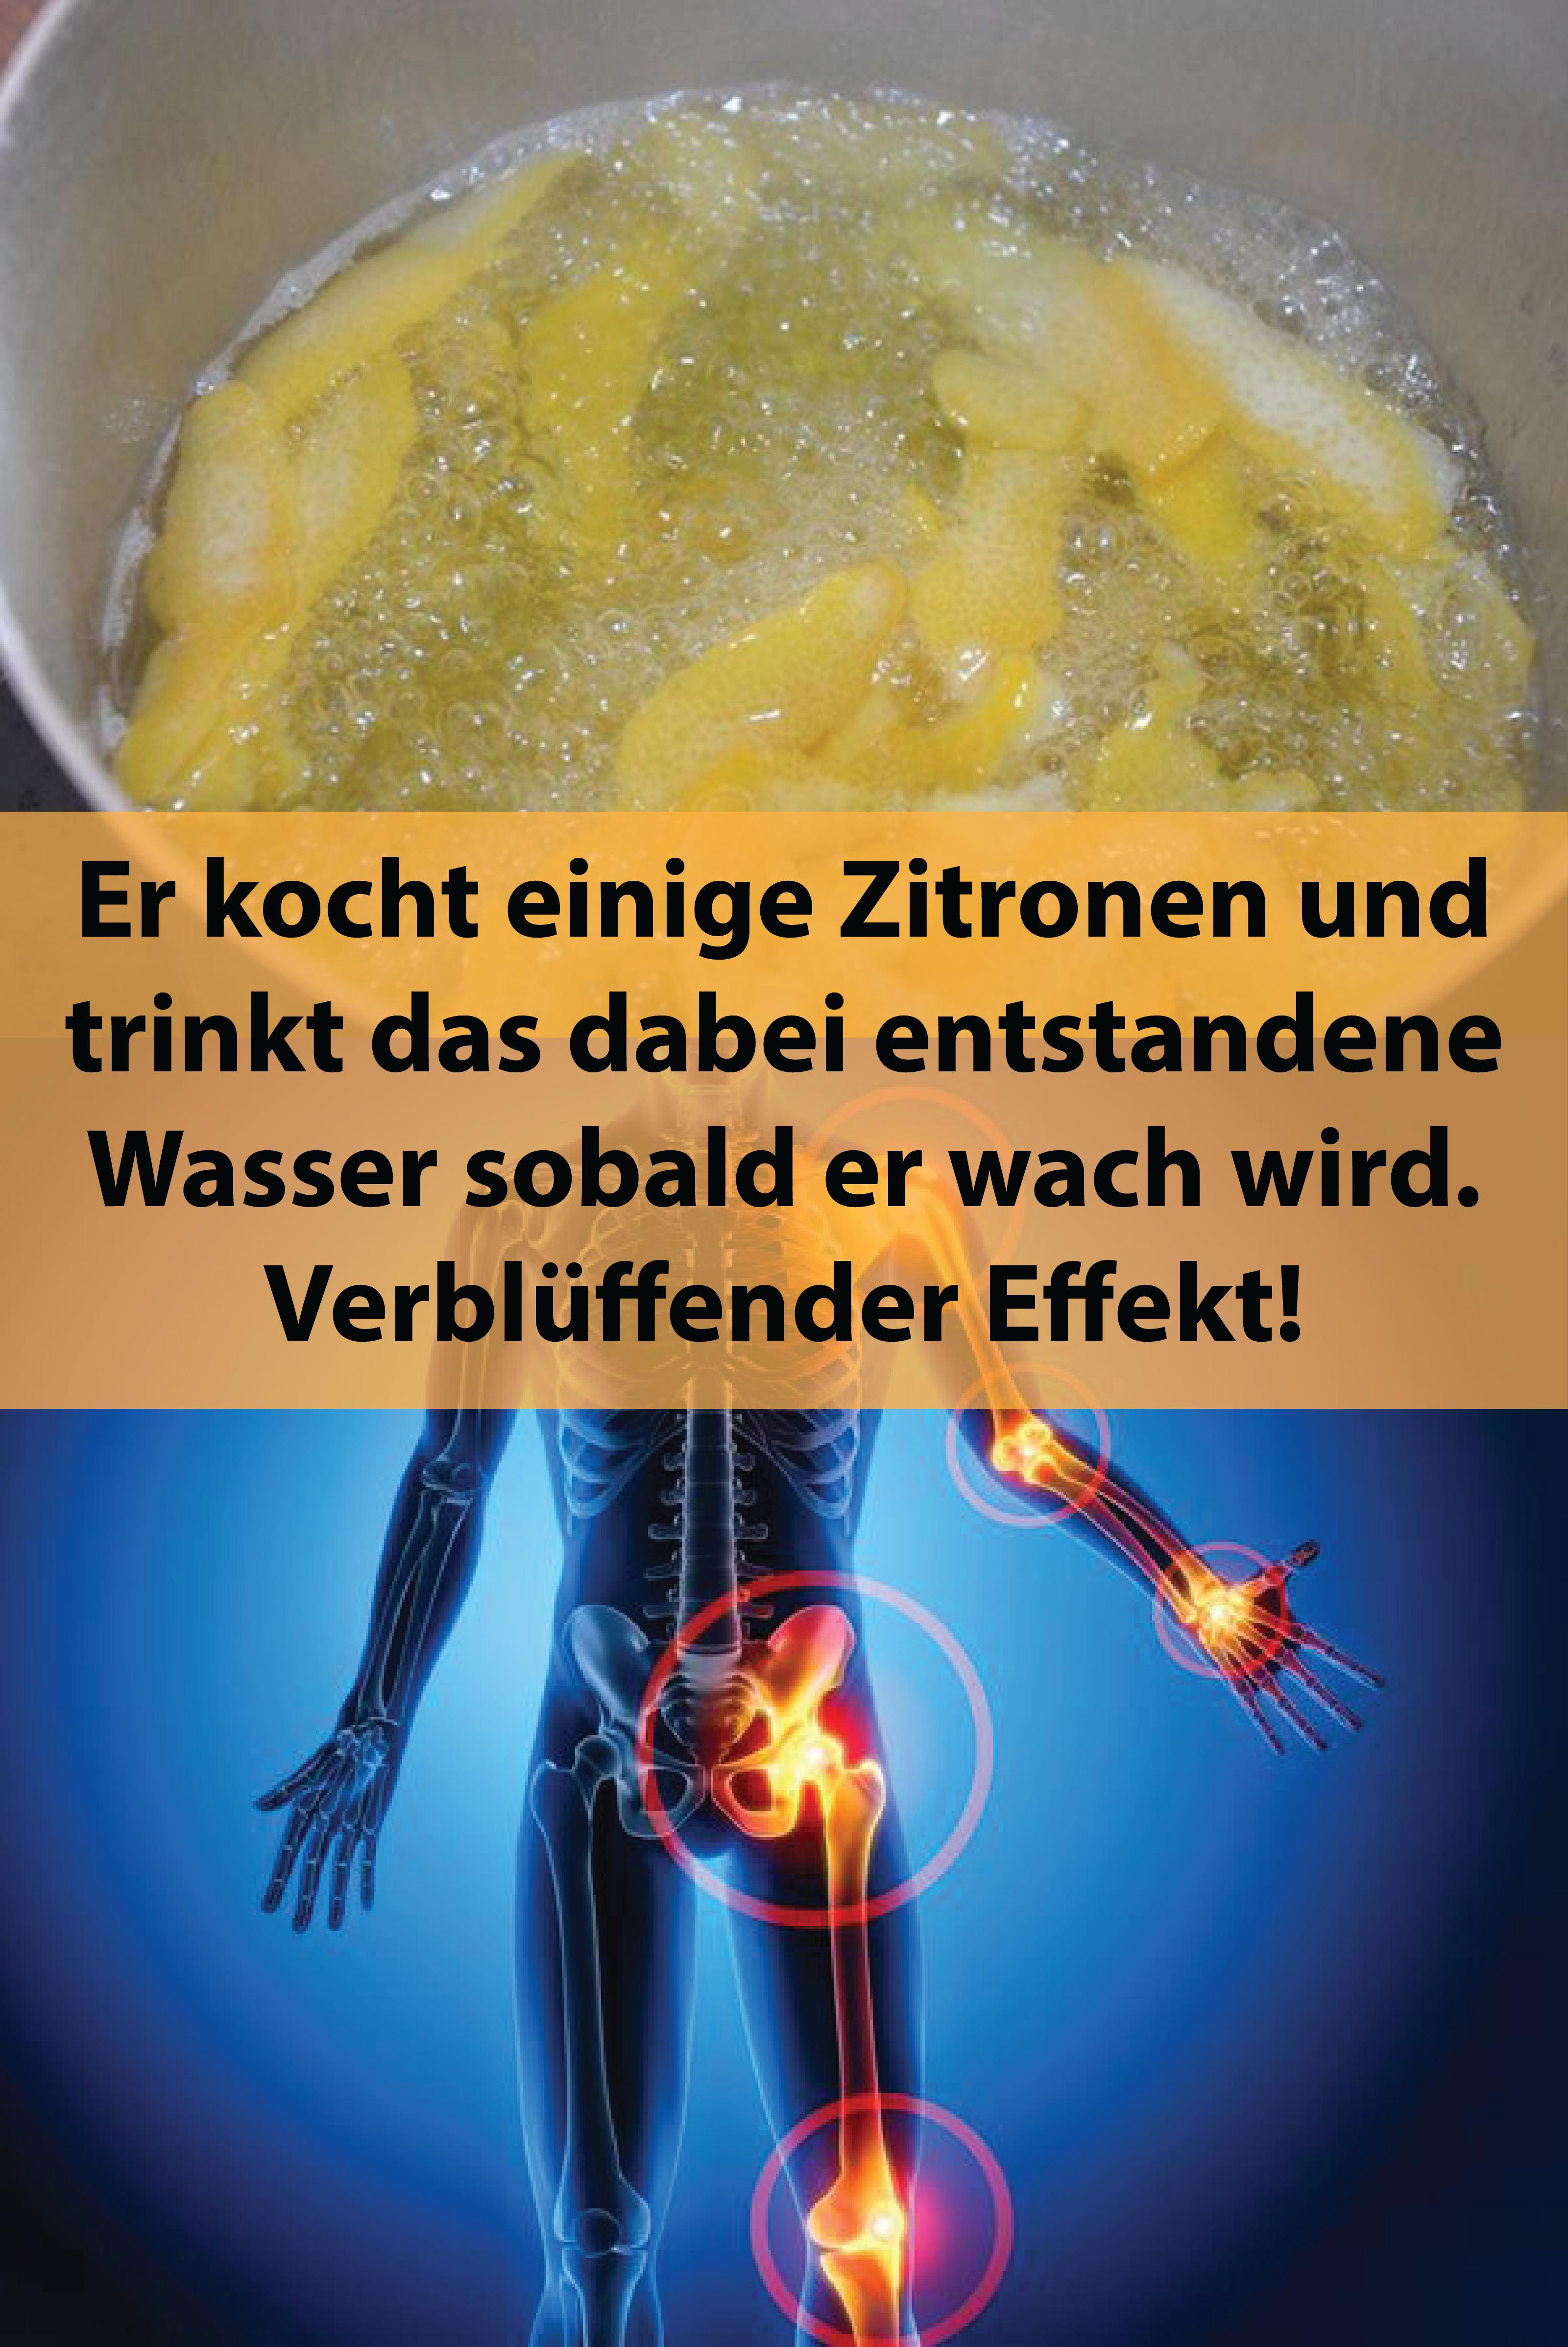 Er kocht einige Zitronen und trinkt das dabei entstandene Wasser sobald er wach wird. Verblüffender Effekt!